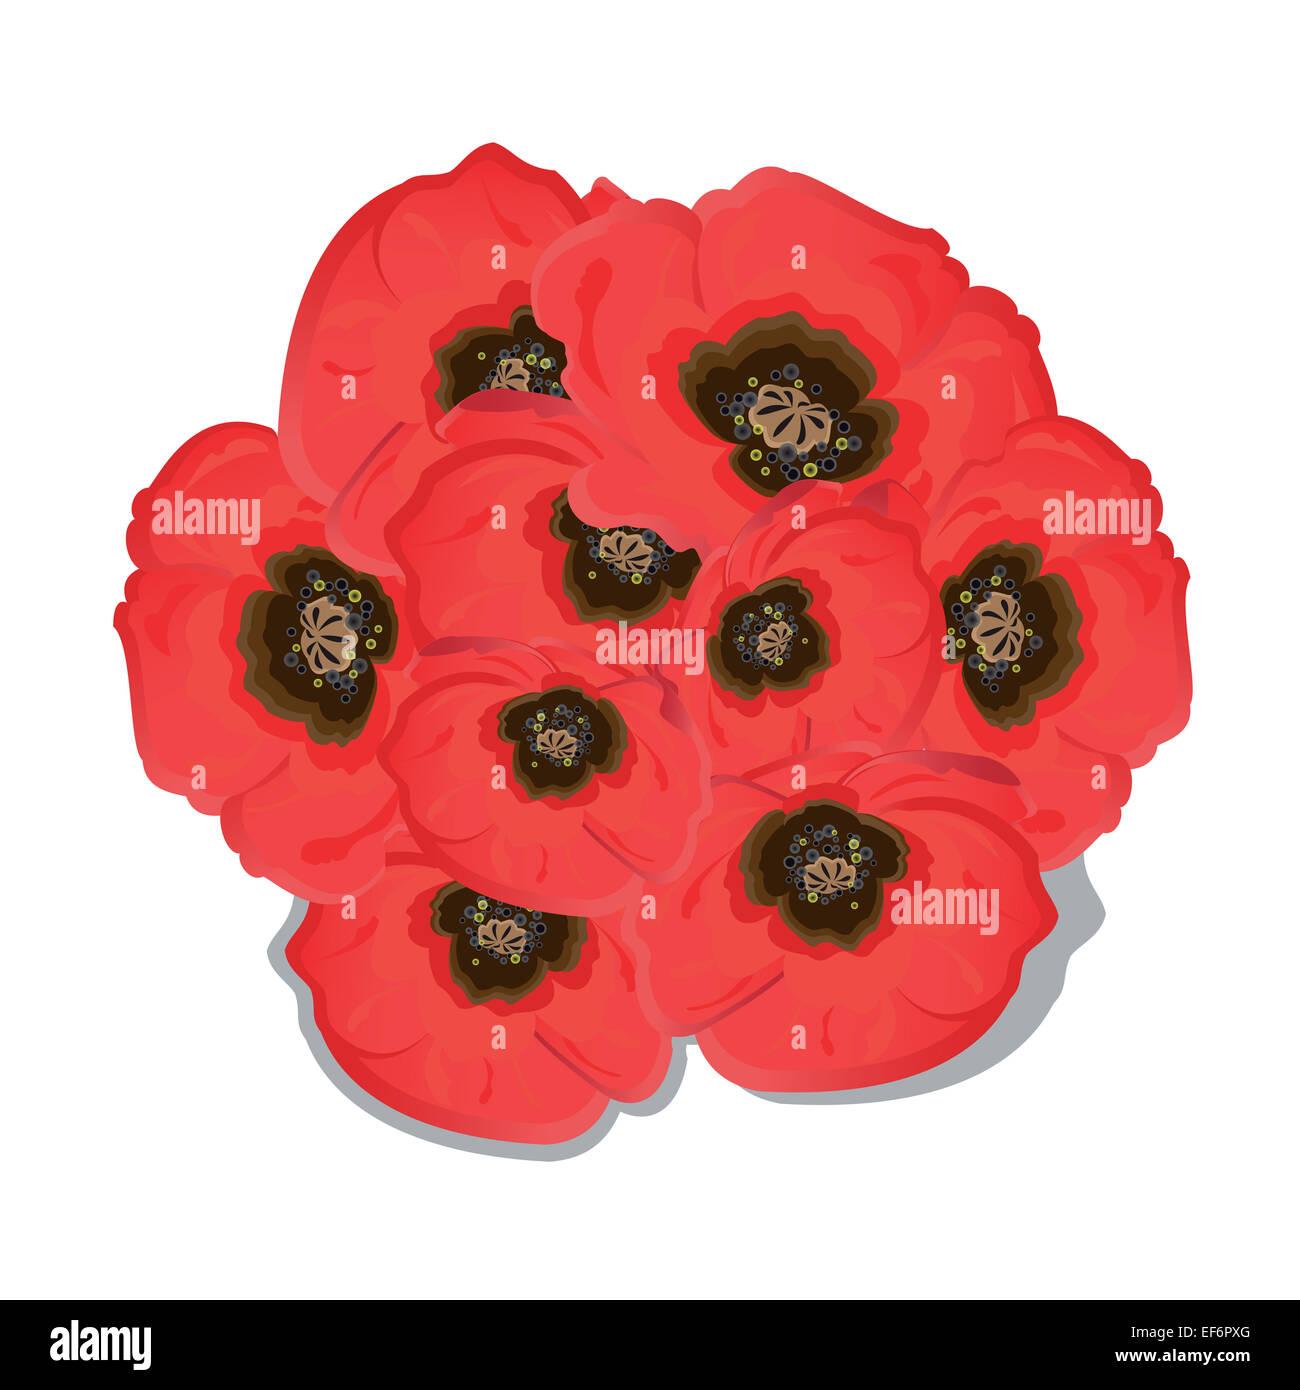 Poppy flowers on white background. Vector illustration. - Stock Image